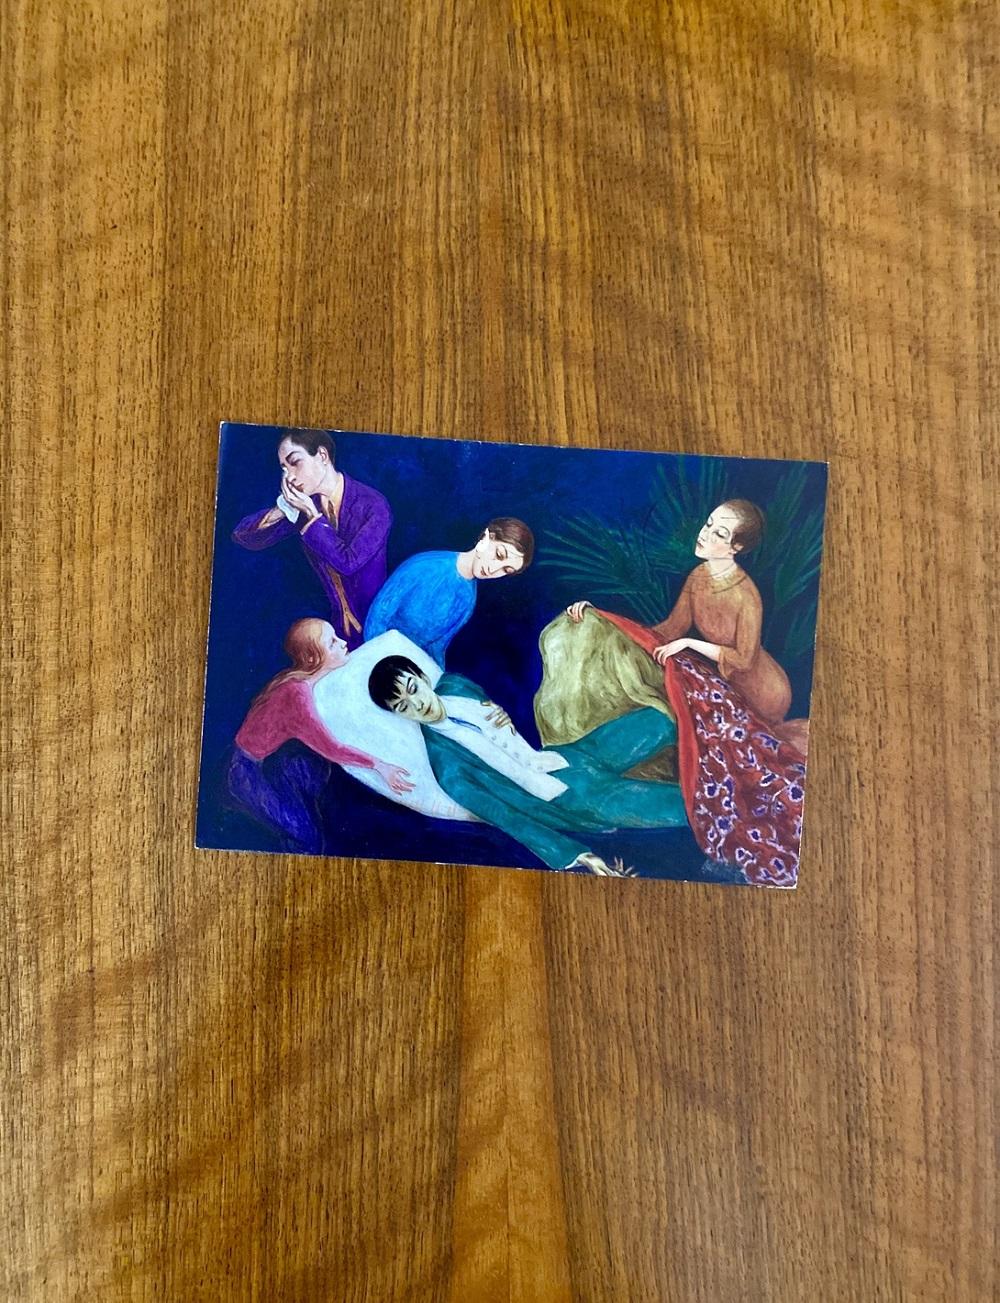 Dorian Sari postcard